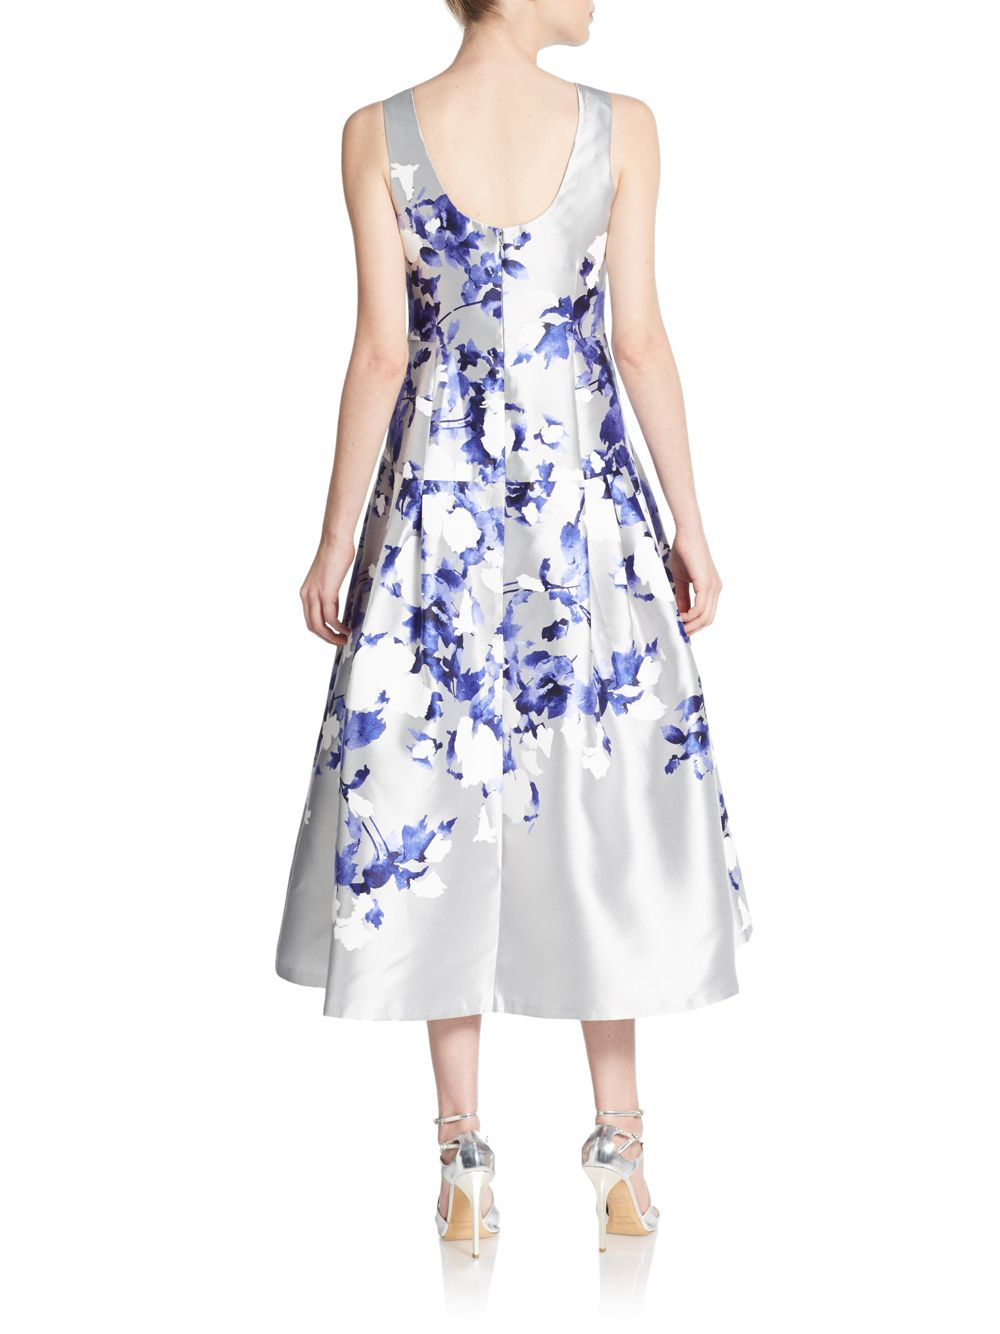 Kay unger black rose floral dress